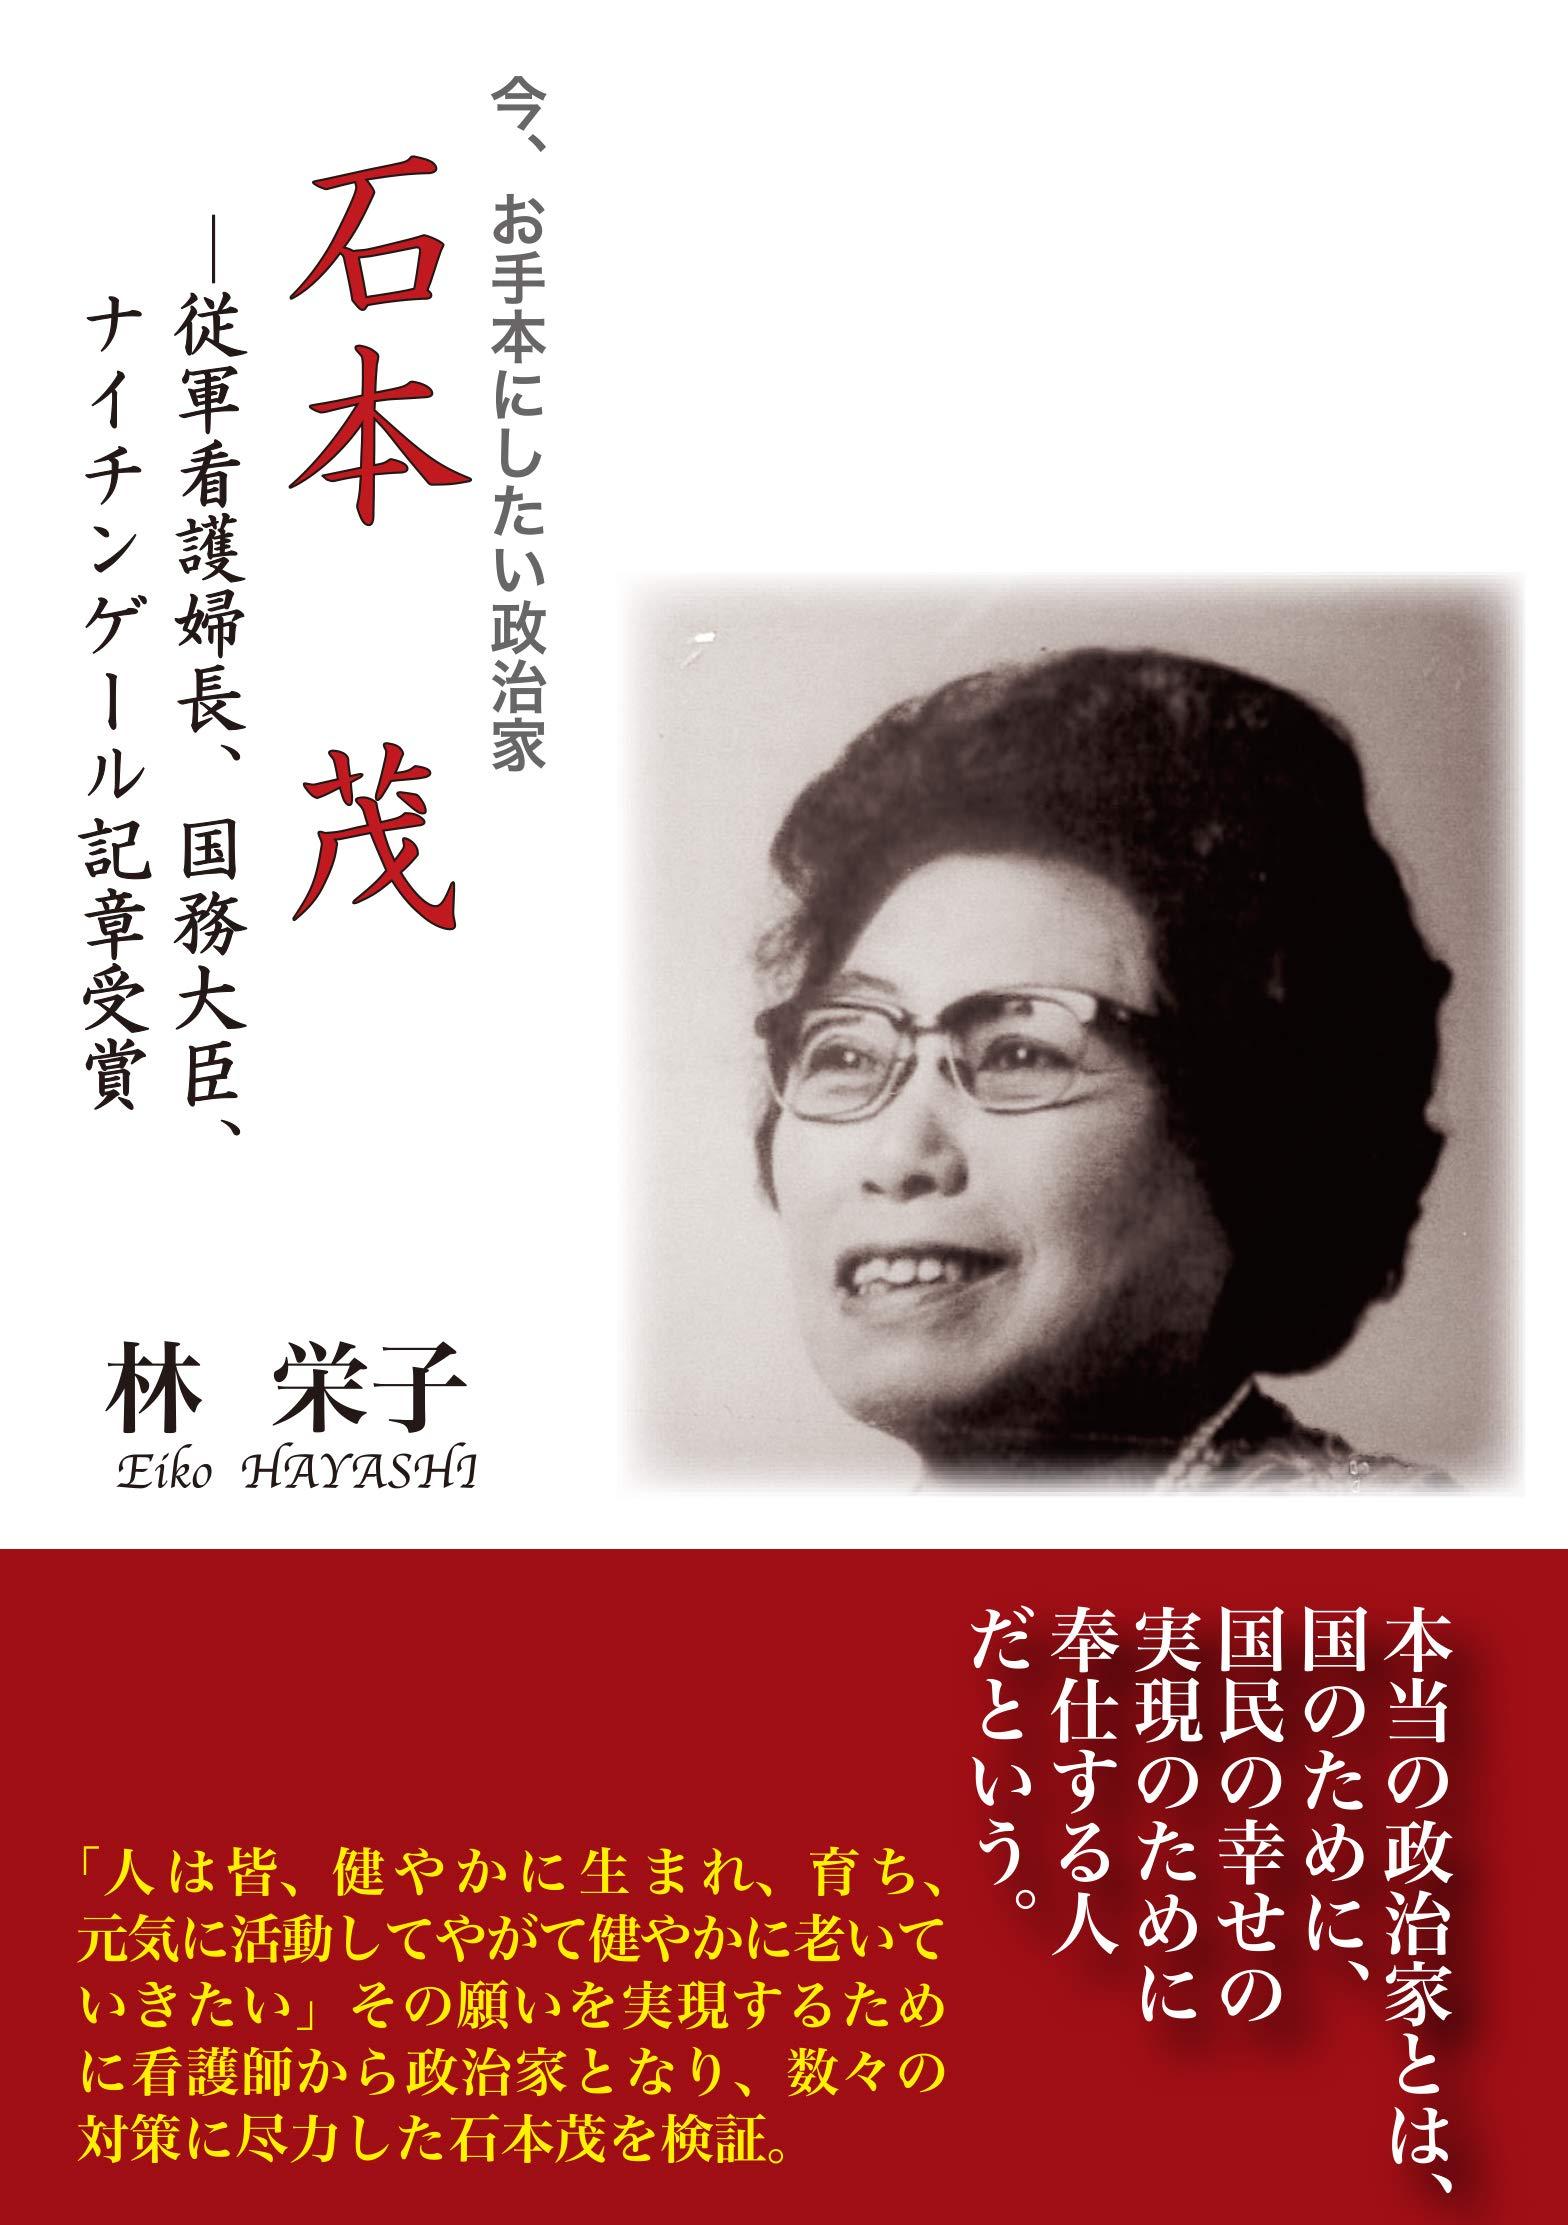 石本茂 従軍看護婦長、国務大臣...